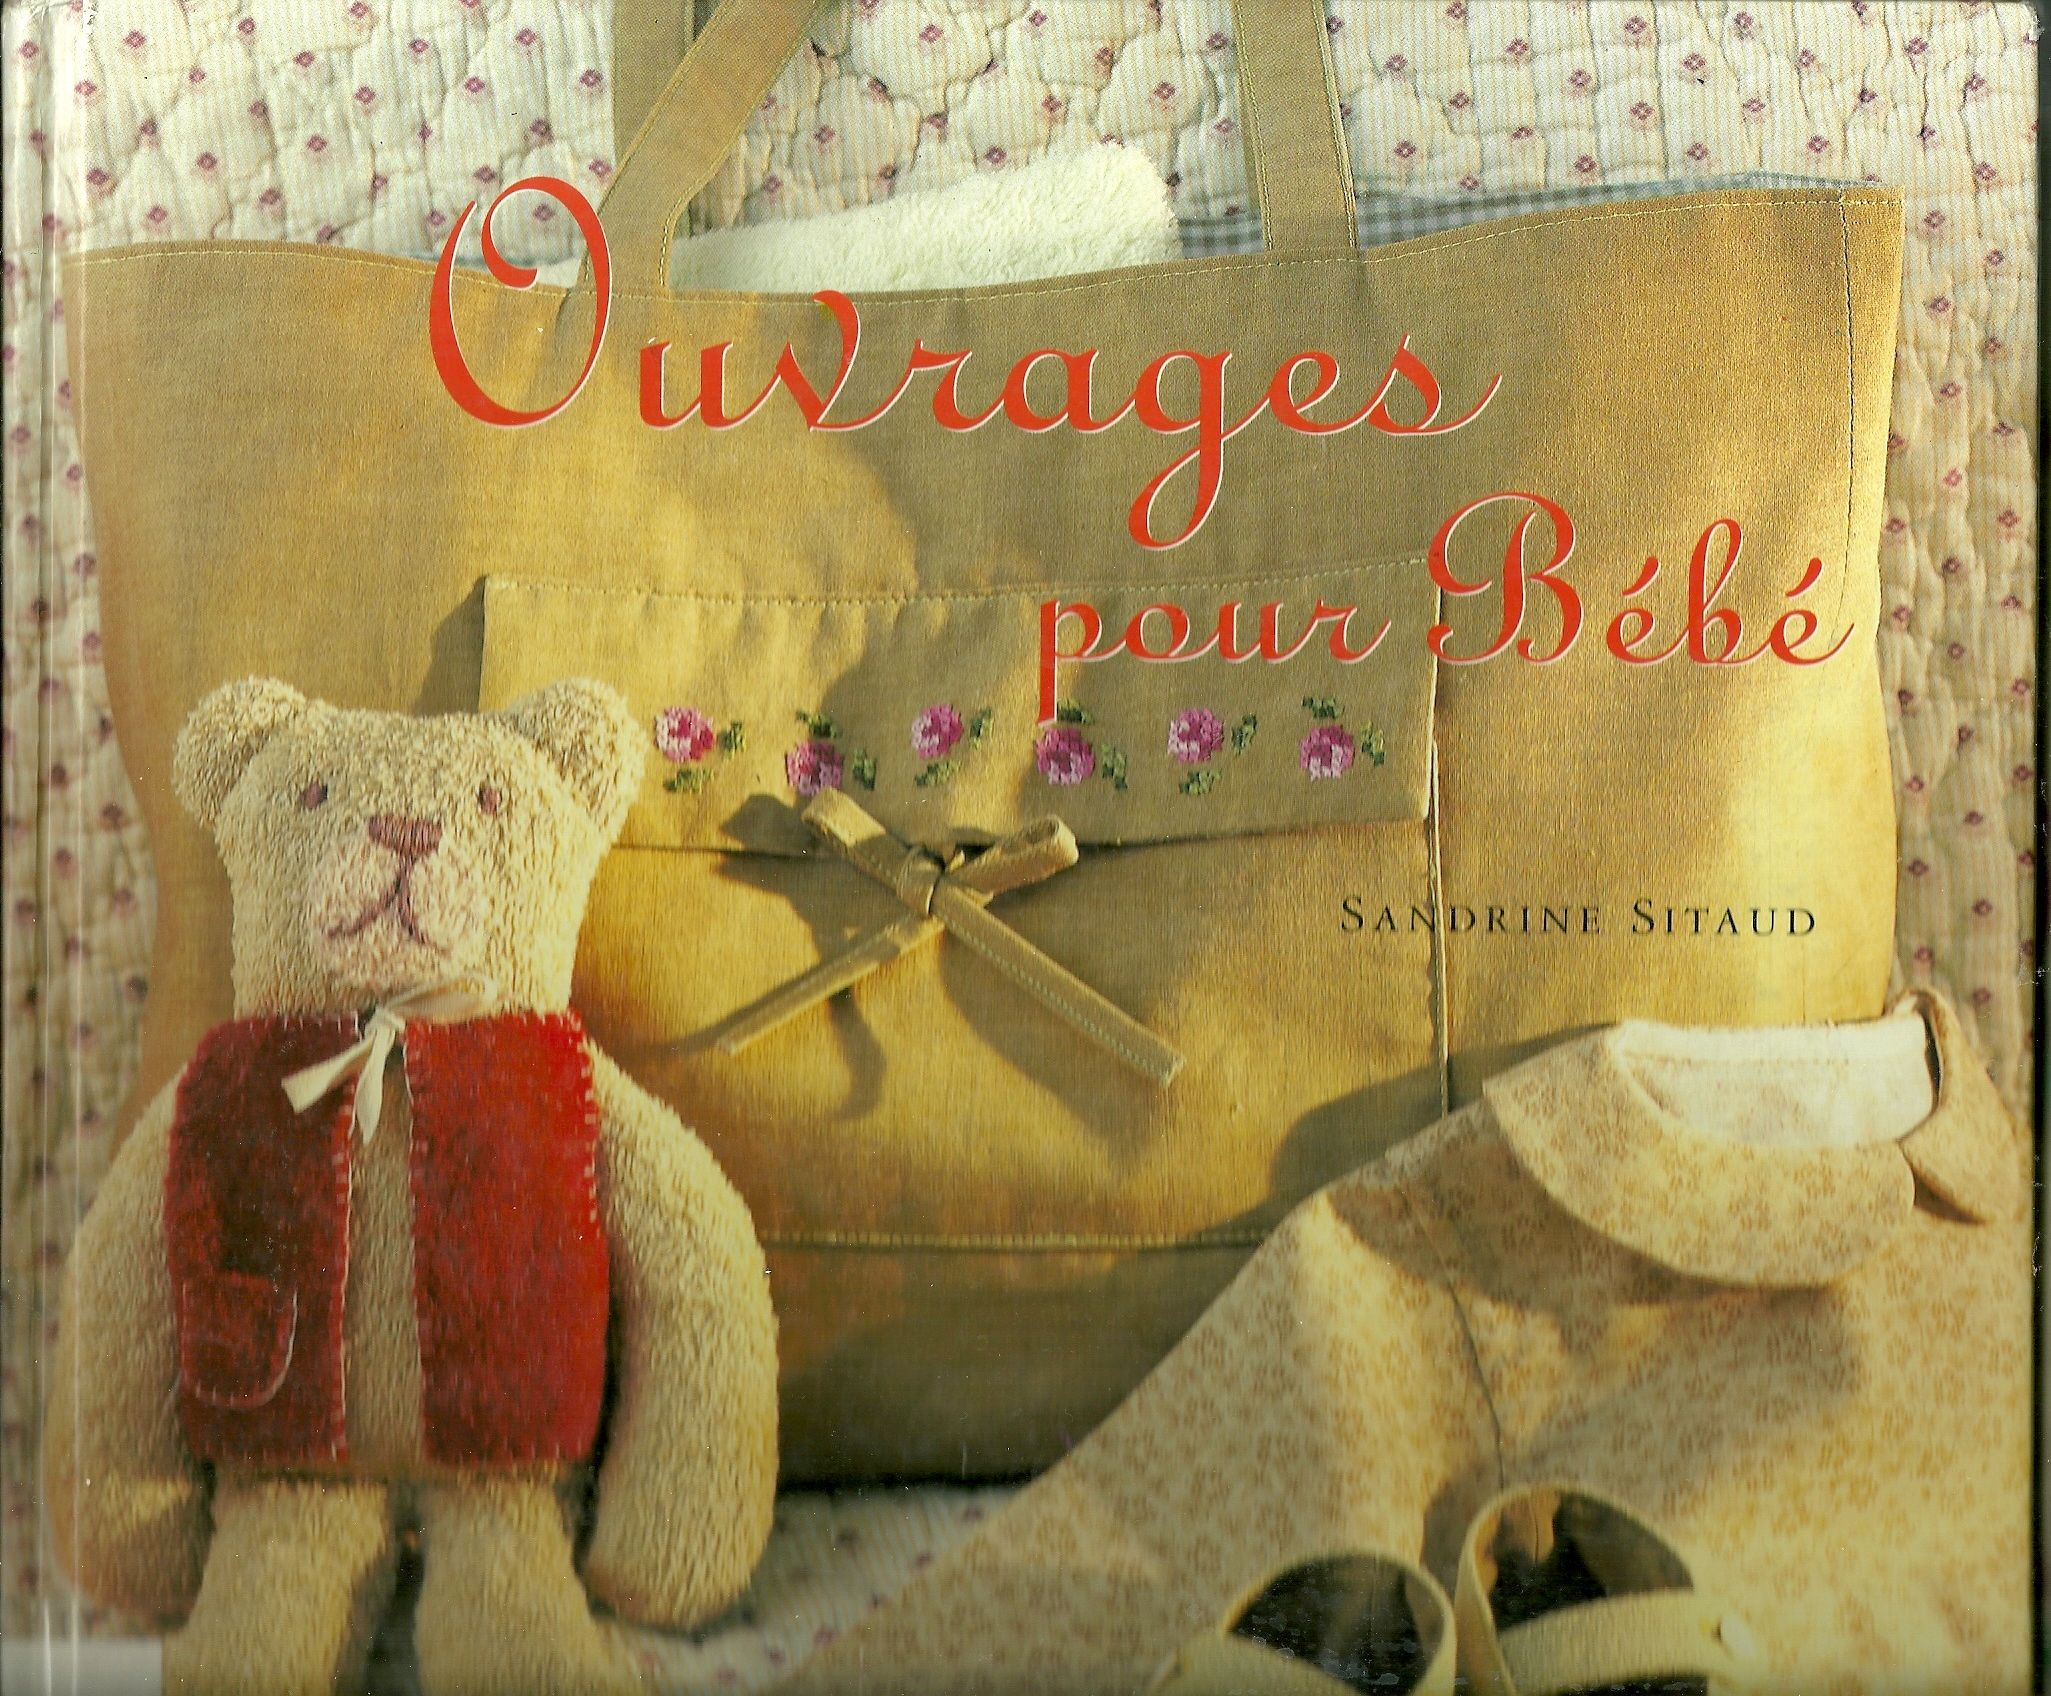 Handbag - Pattern included in Ouvrages pour bébé from Sandrine Sitaud / Sac à main d'après de patron inclus dans Ouvrages pour bébé de Sandrine Sitaud